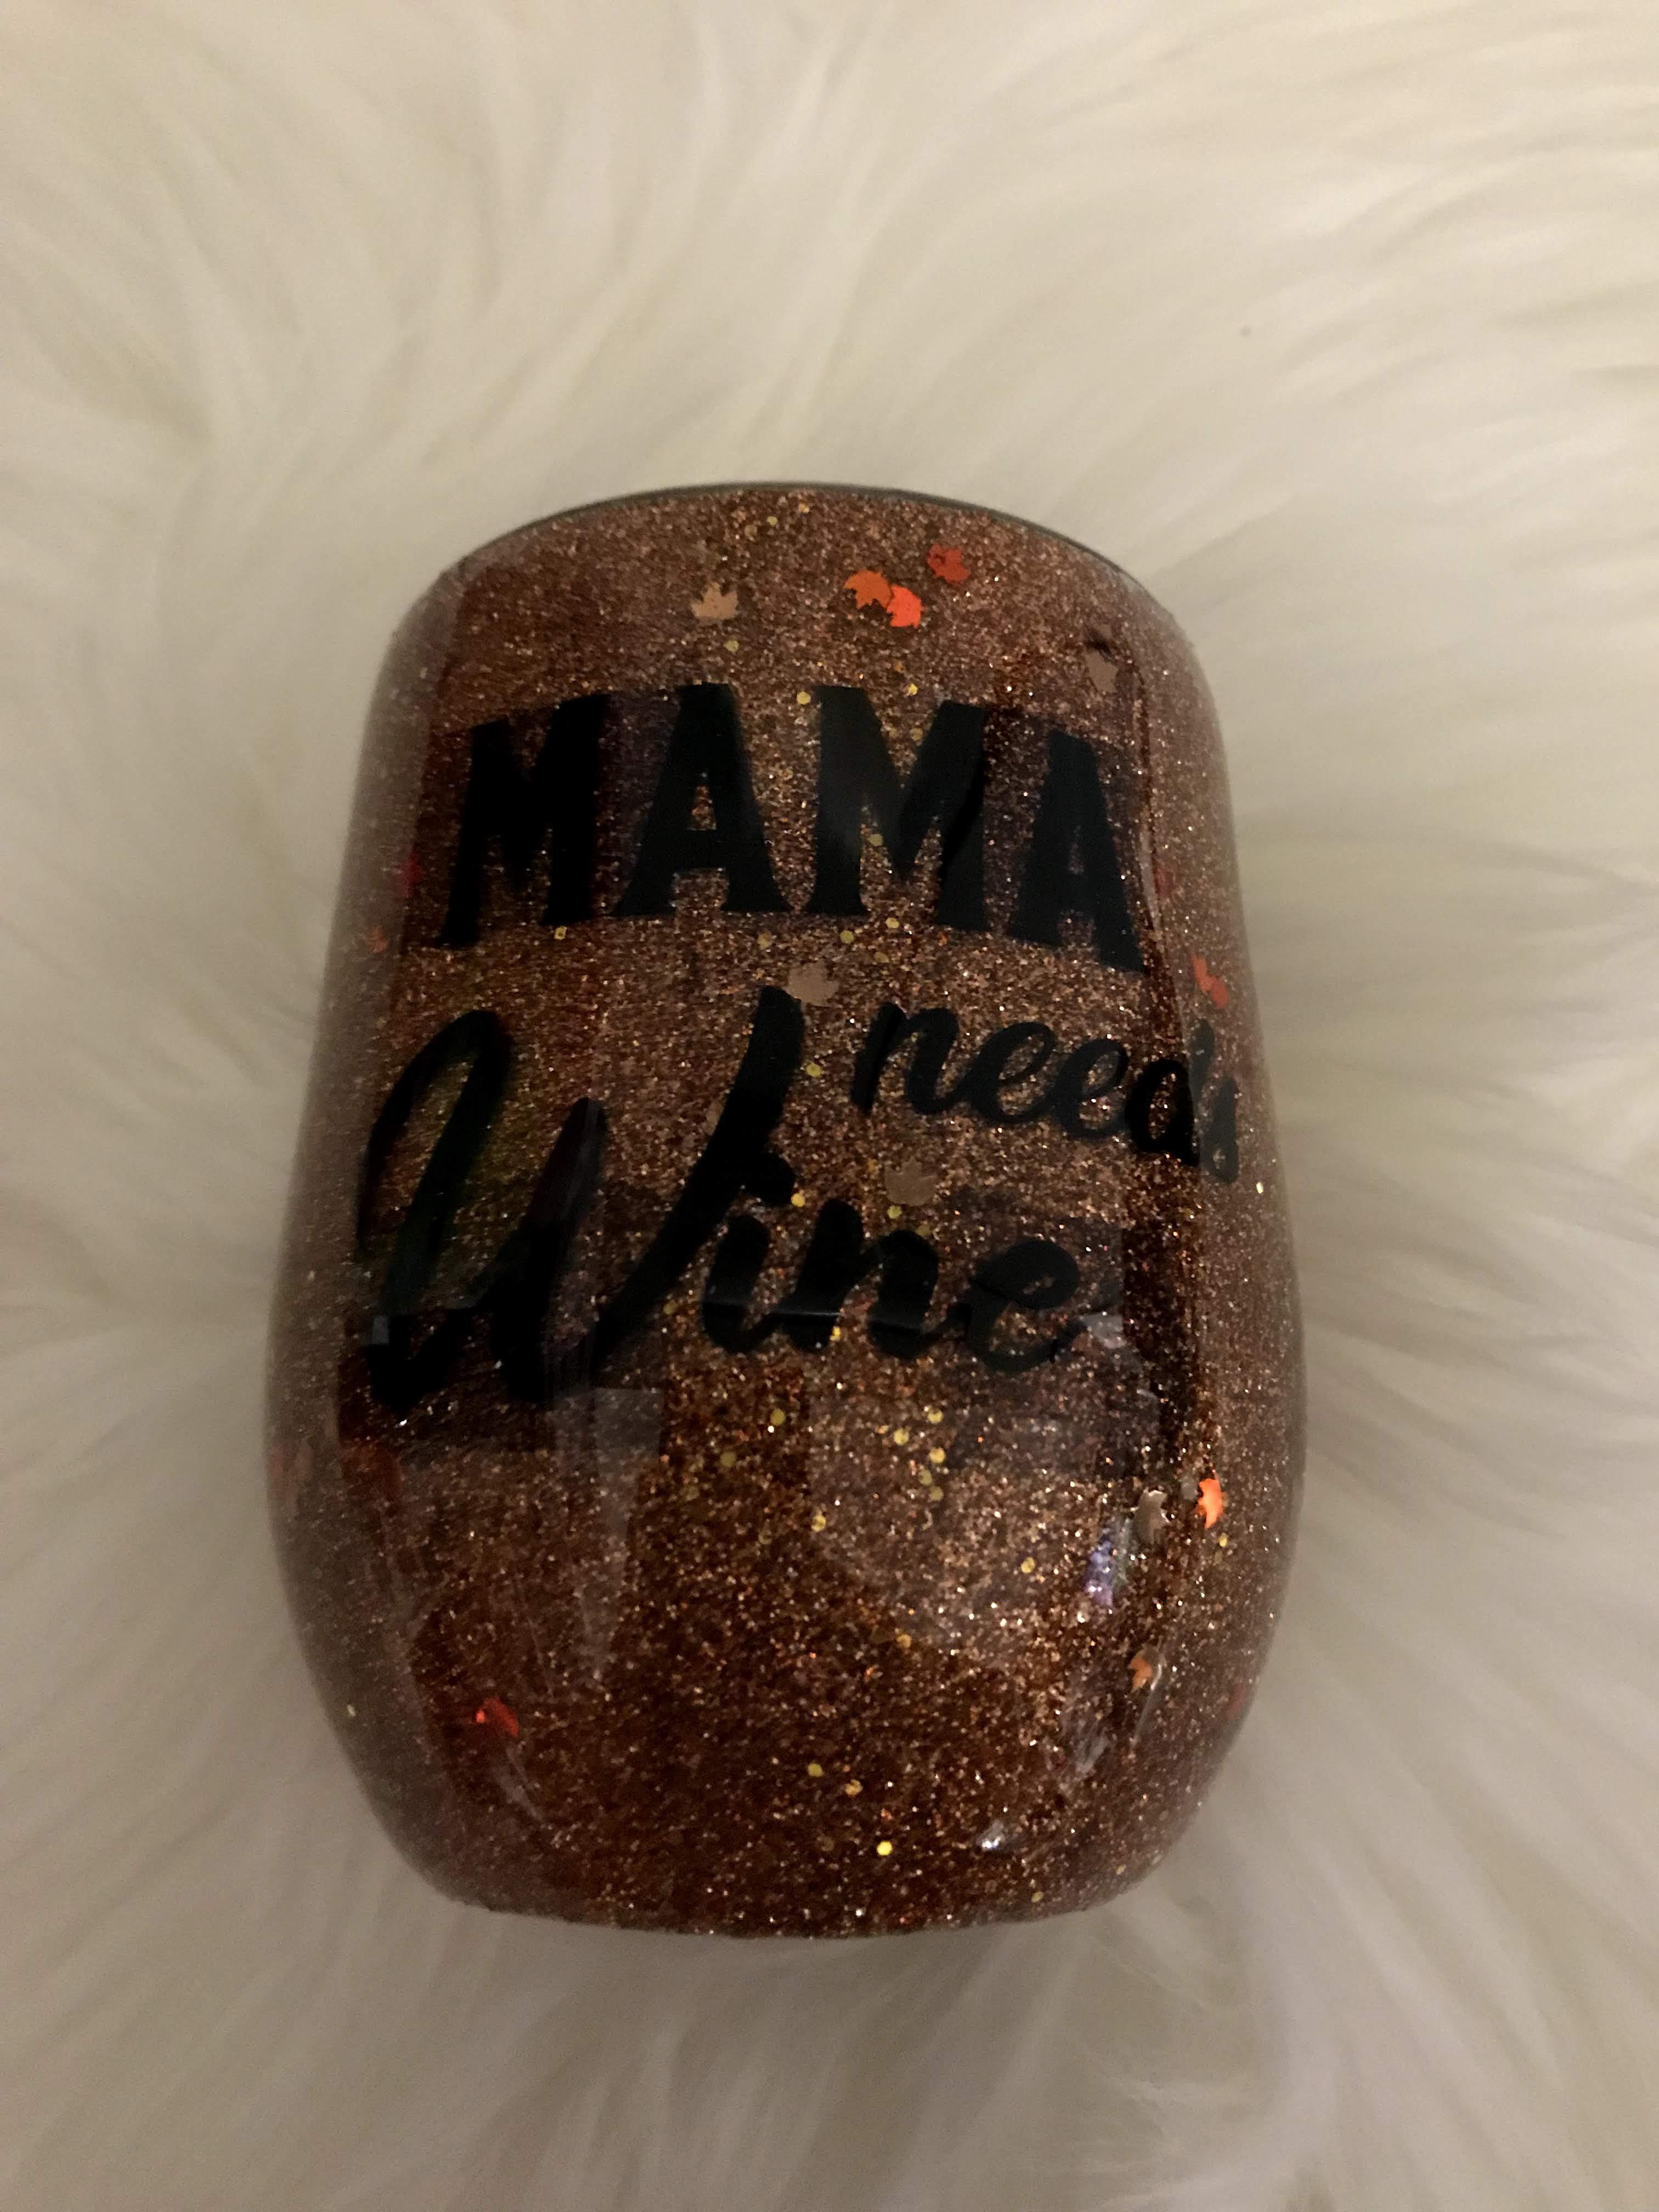 Thumbnail: wine tumbler plaid